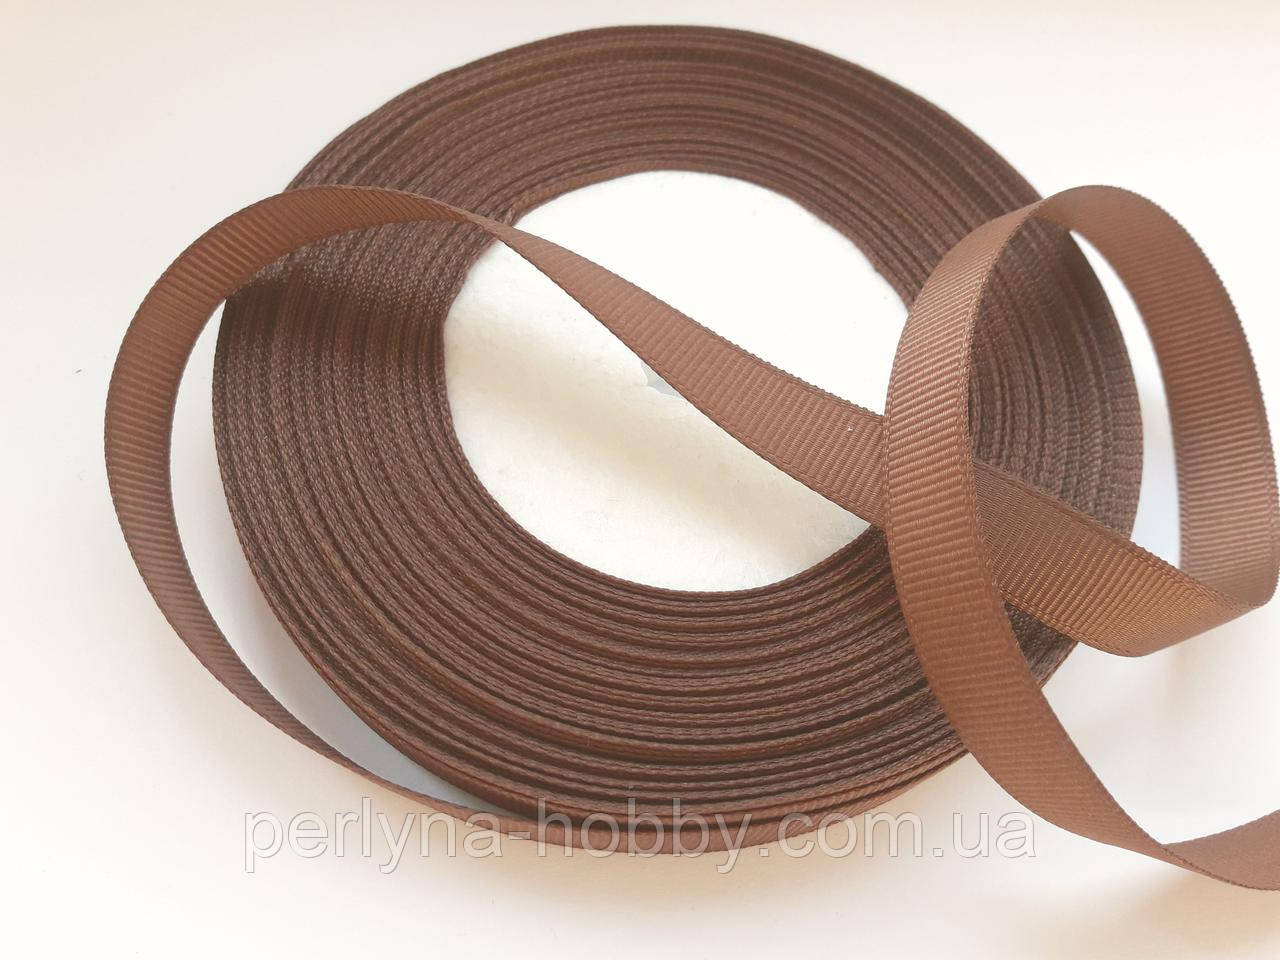 Стрічка репсова 13 мм коричнева, на метраж, ціна за 1 метр